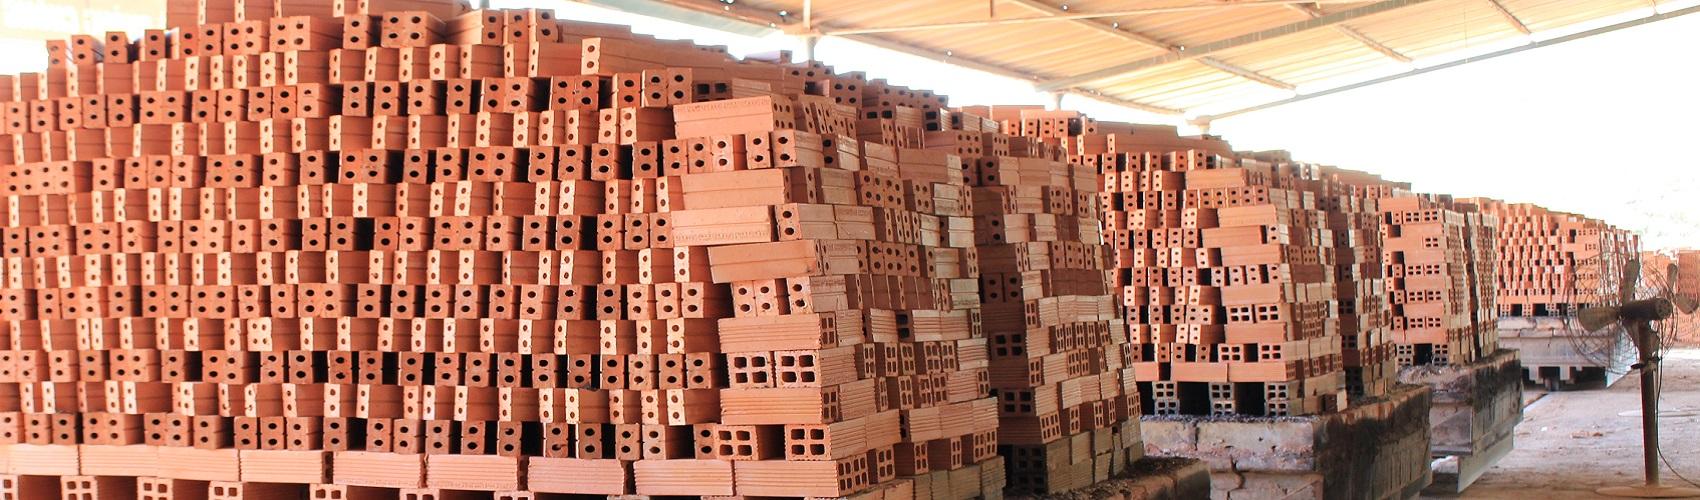 Nhà máy gạch Tuynel Long Thành